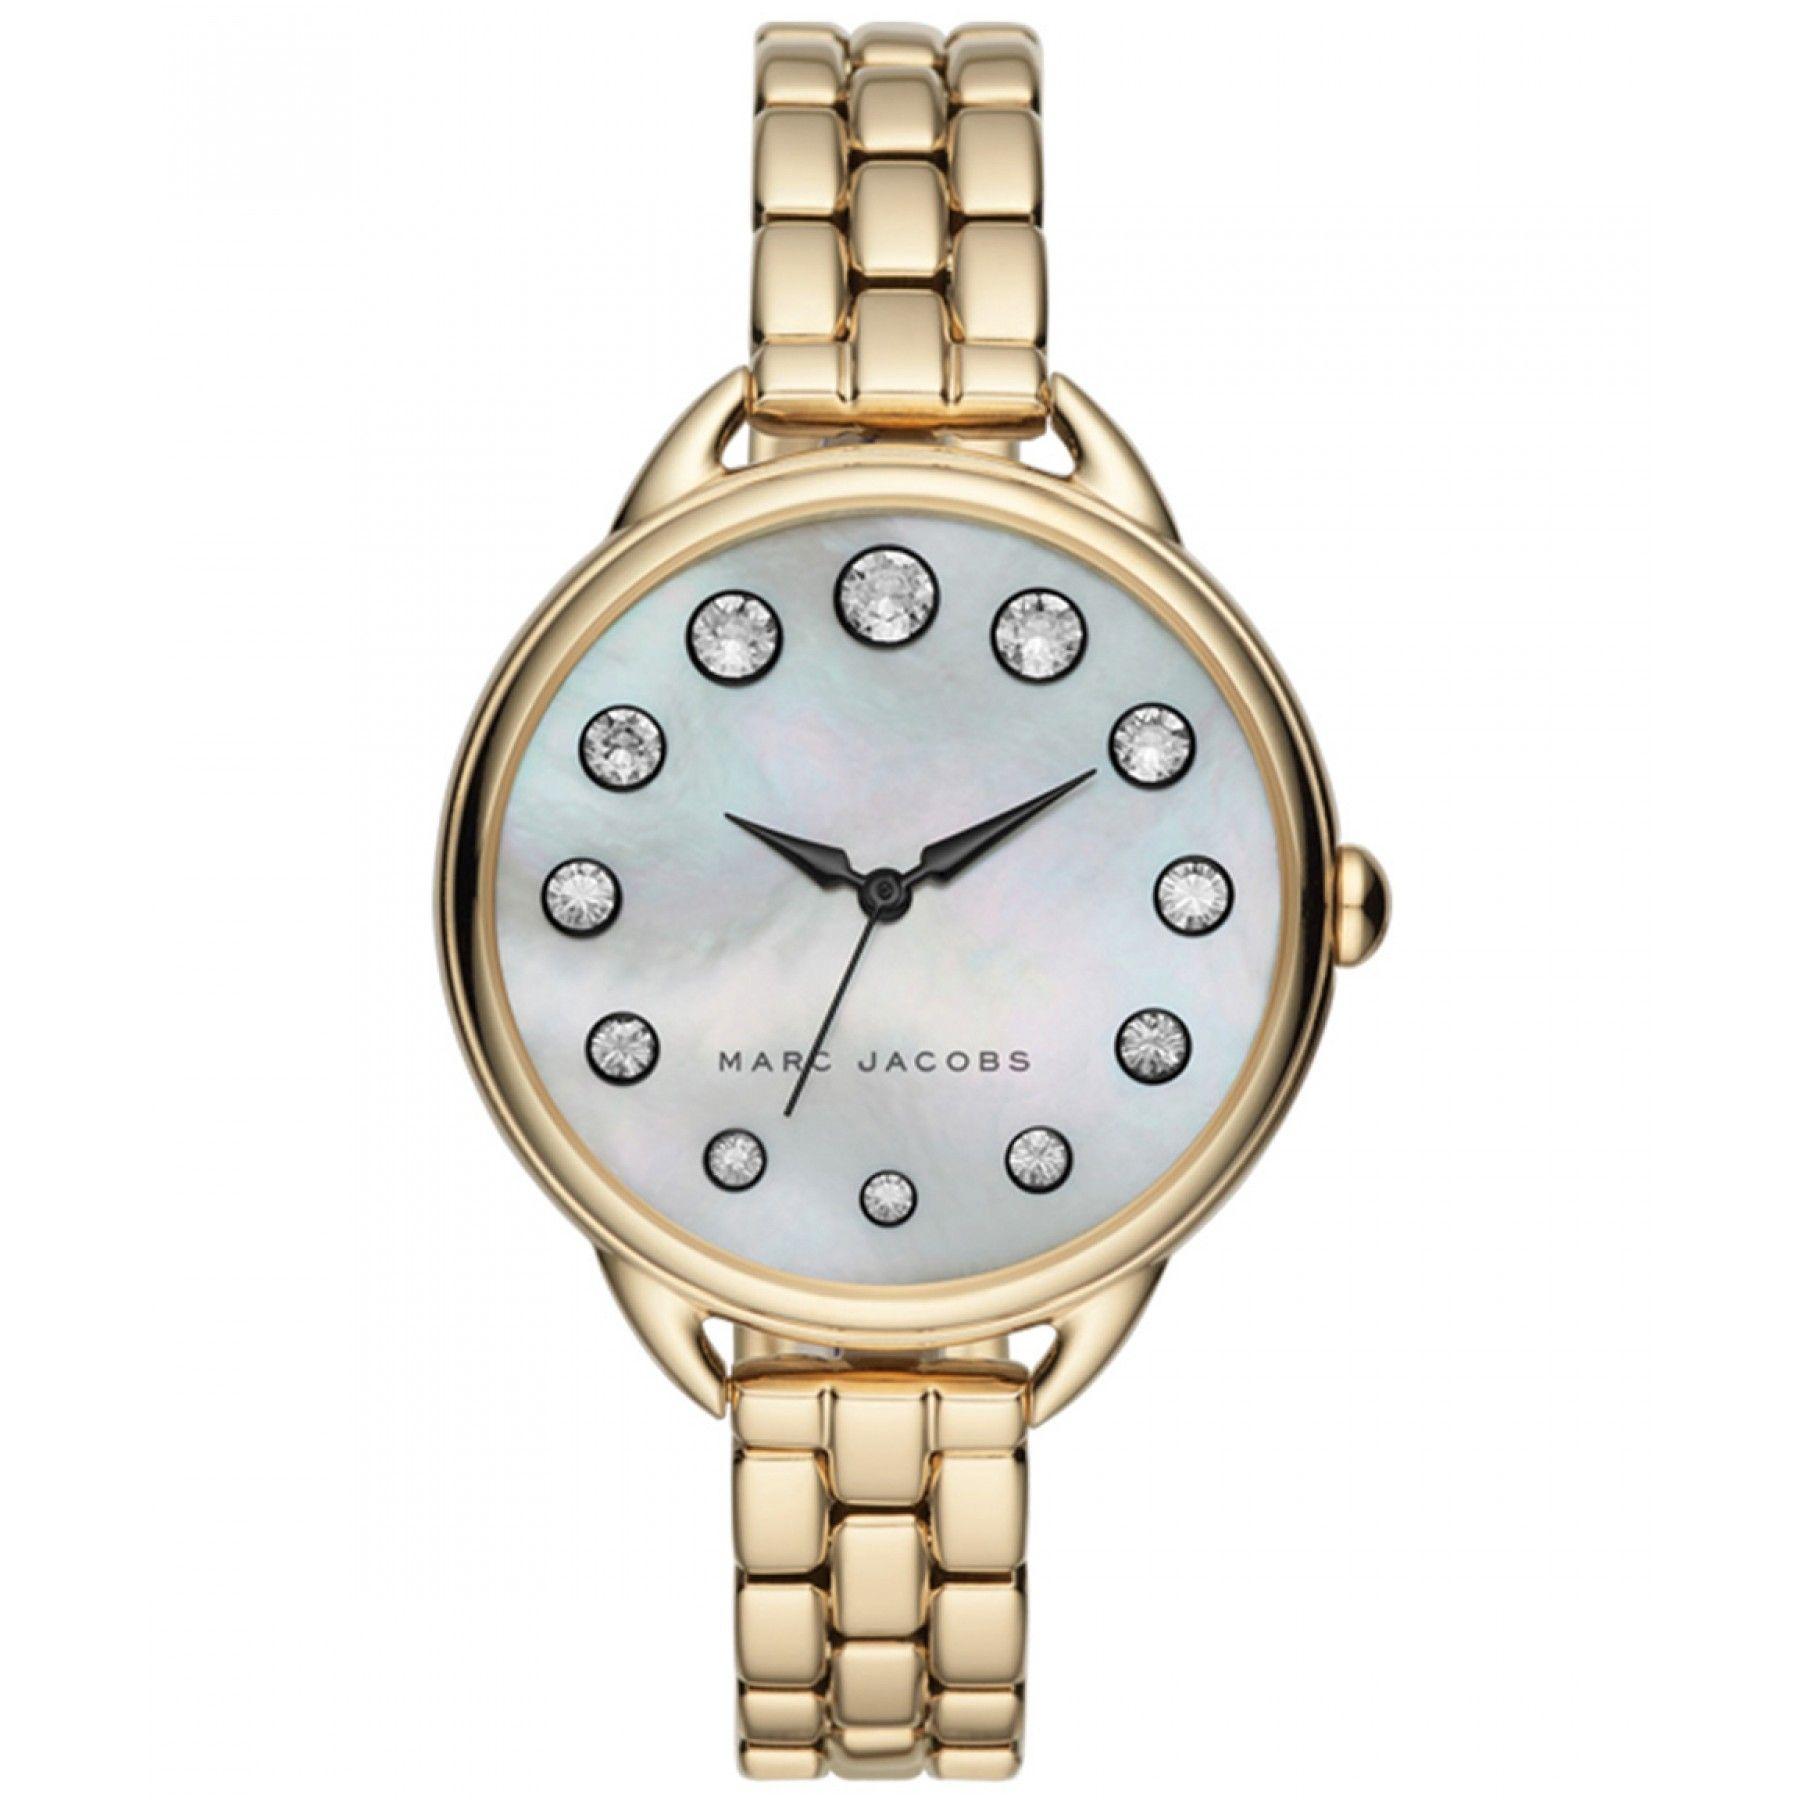 e9ed63a8829a Reloj Marc By Marc Jacobs de caja y bisel en acero color dorado extensible  tipo brazalete